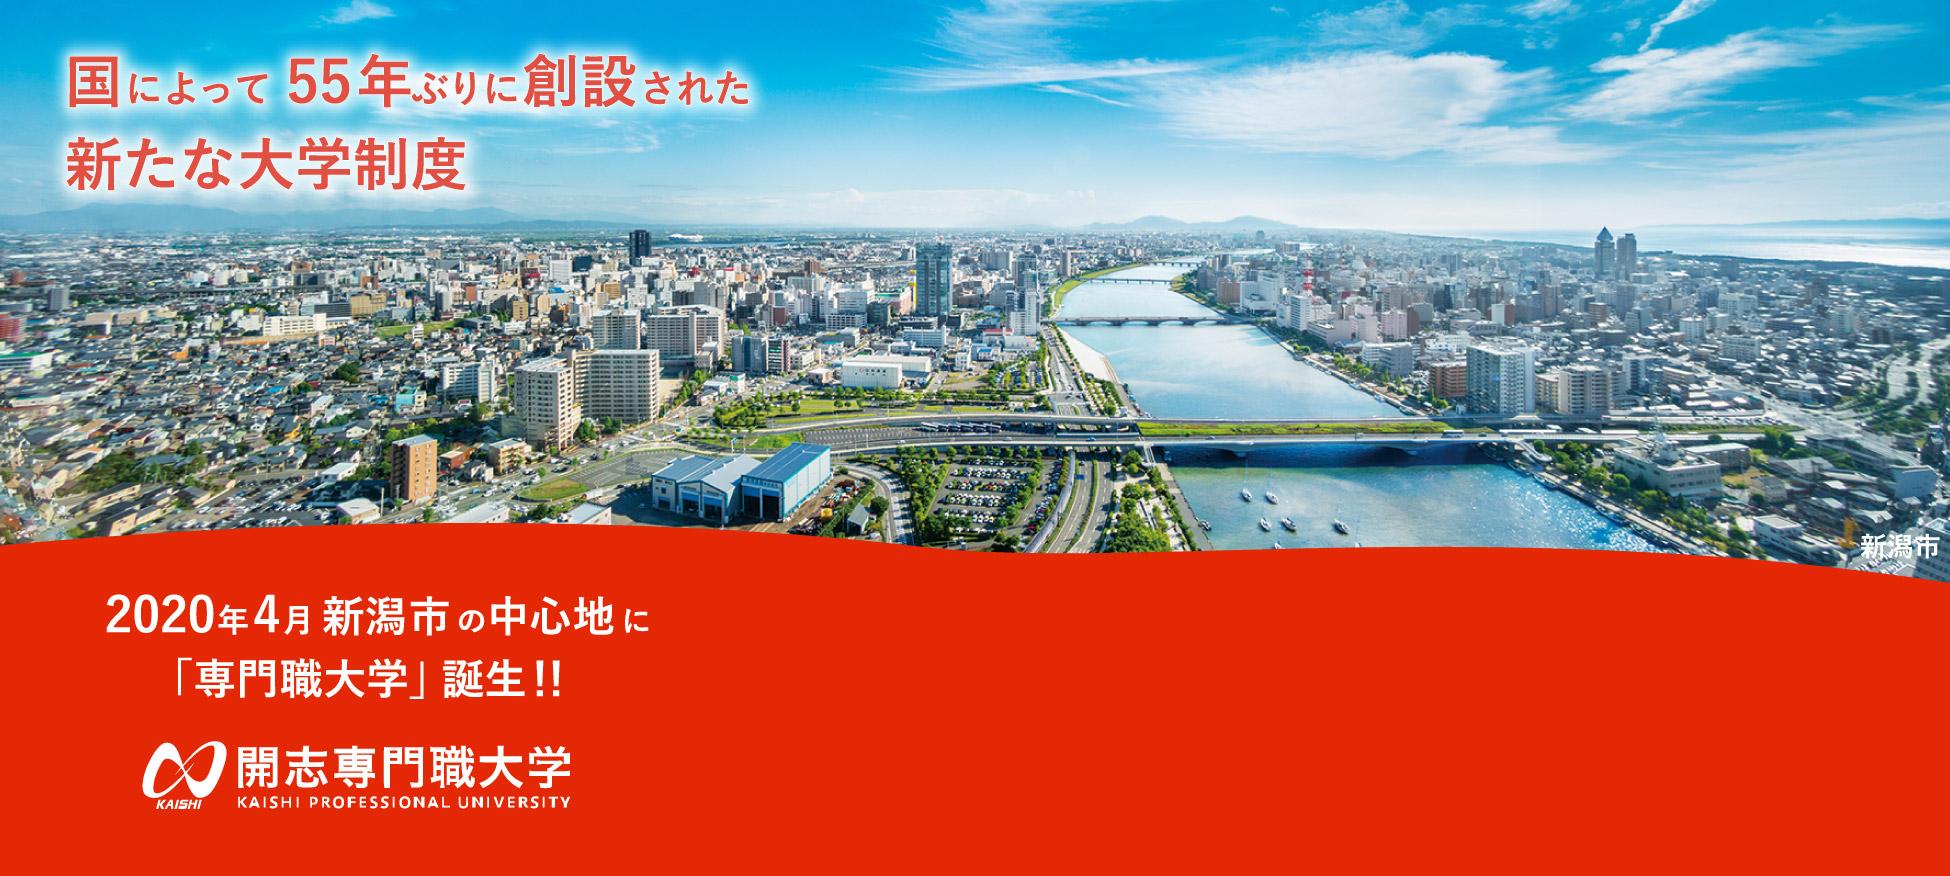 日本唯一の「開志専門職大学」誕生 / 国によって55年ぶりに創設する新・大学制度 ICTと経営・マーケティングを学ぶ